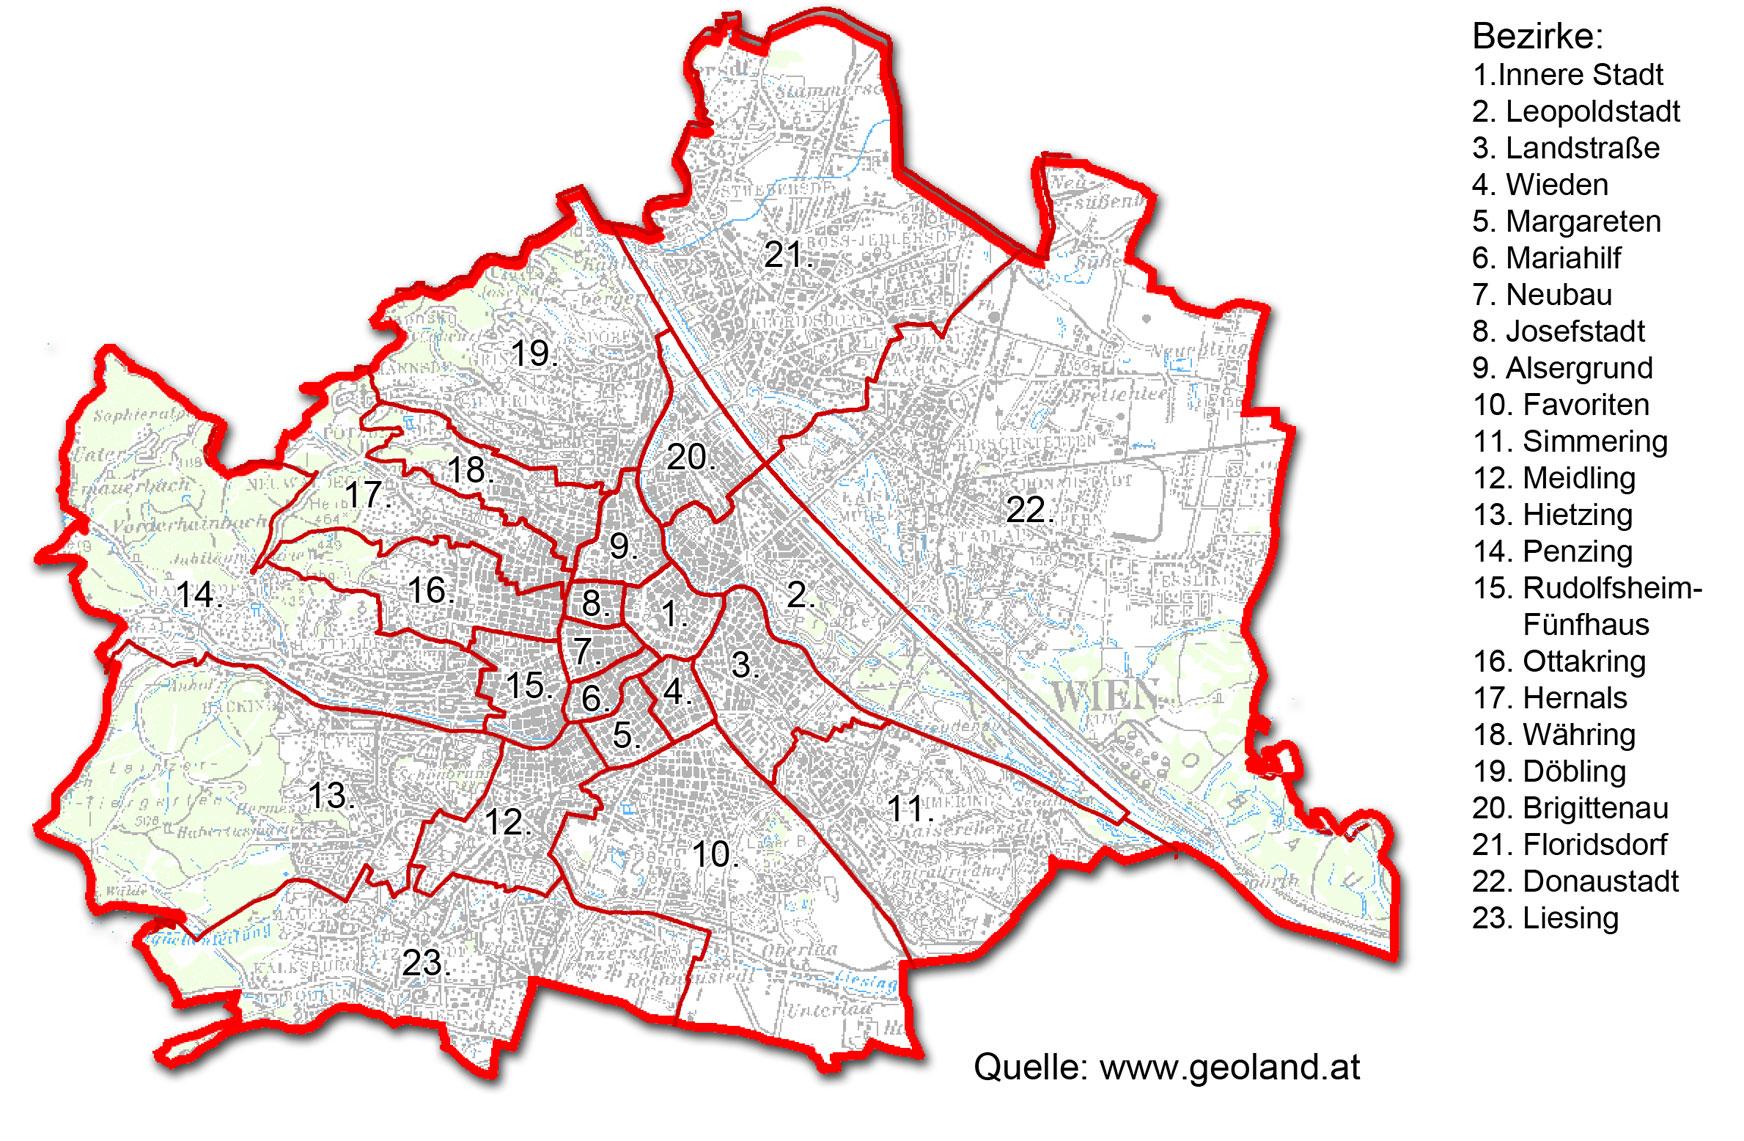 bezirke wien karte General information. : MCVienna bezirke wien karte